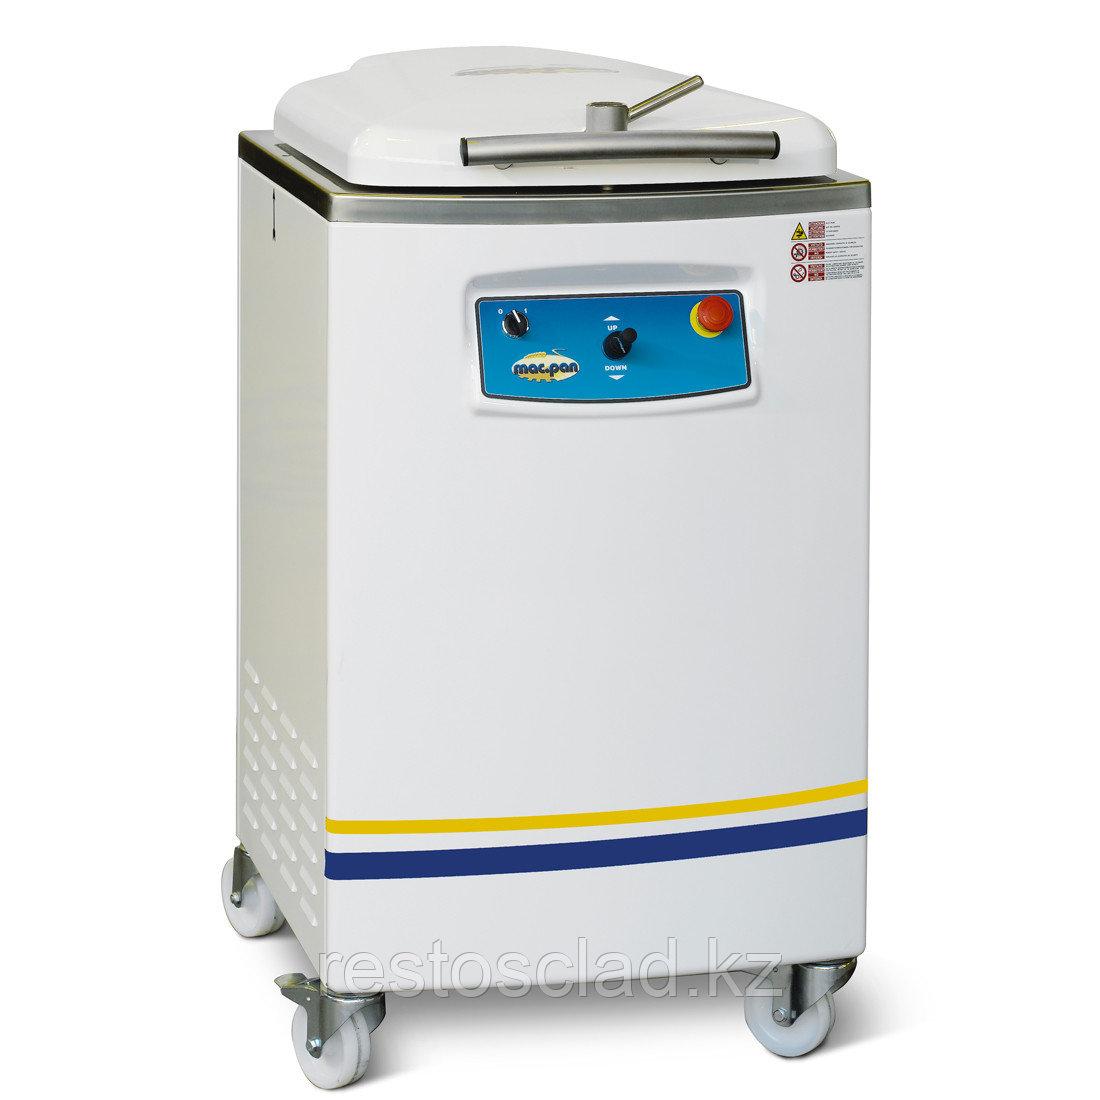 Тестоделитель MAC.PAN MSQS 15/30 полуавтоматический